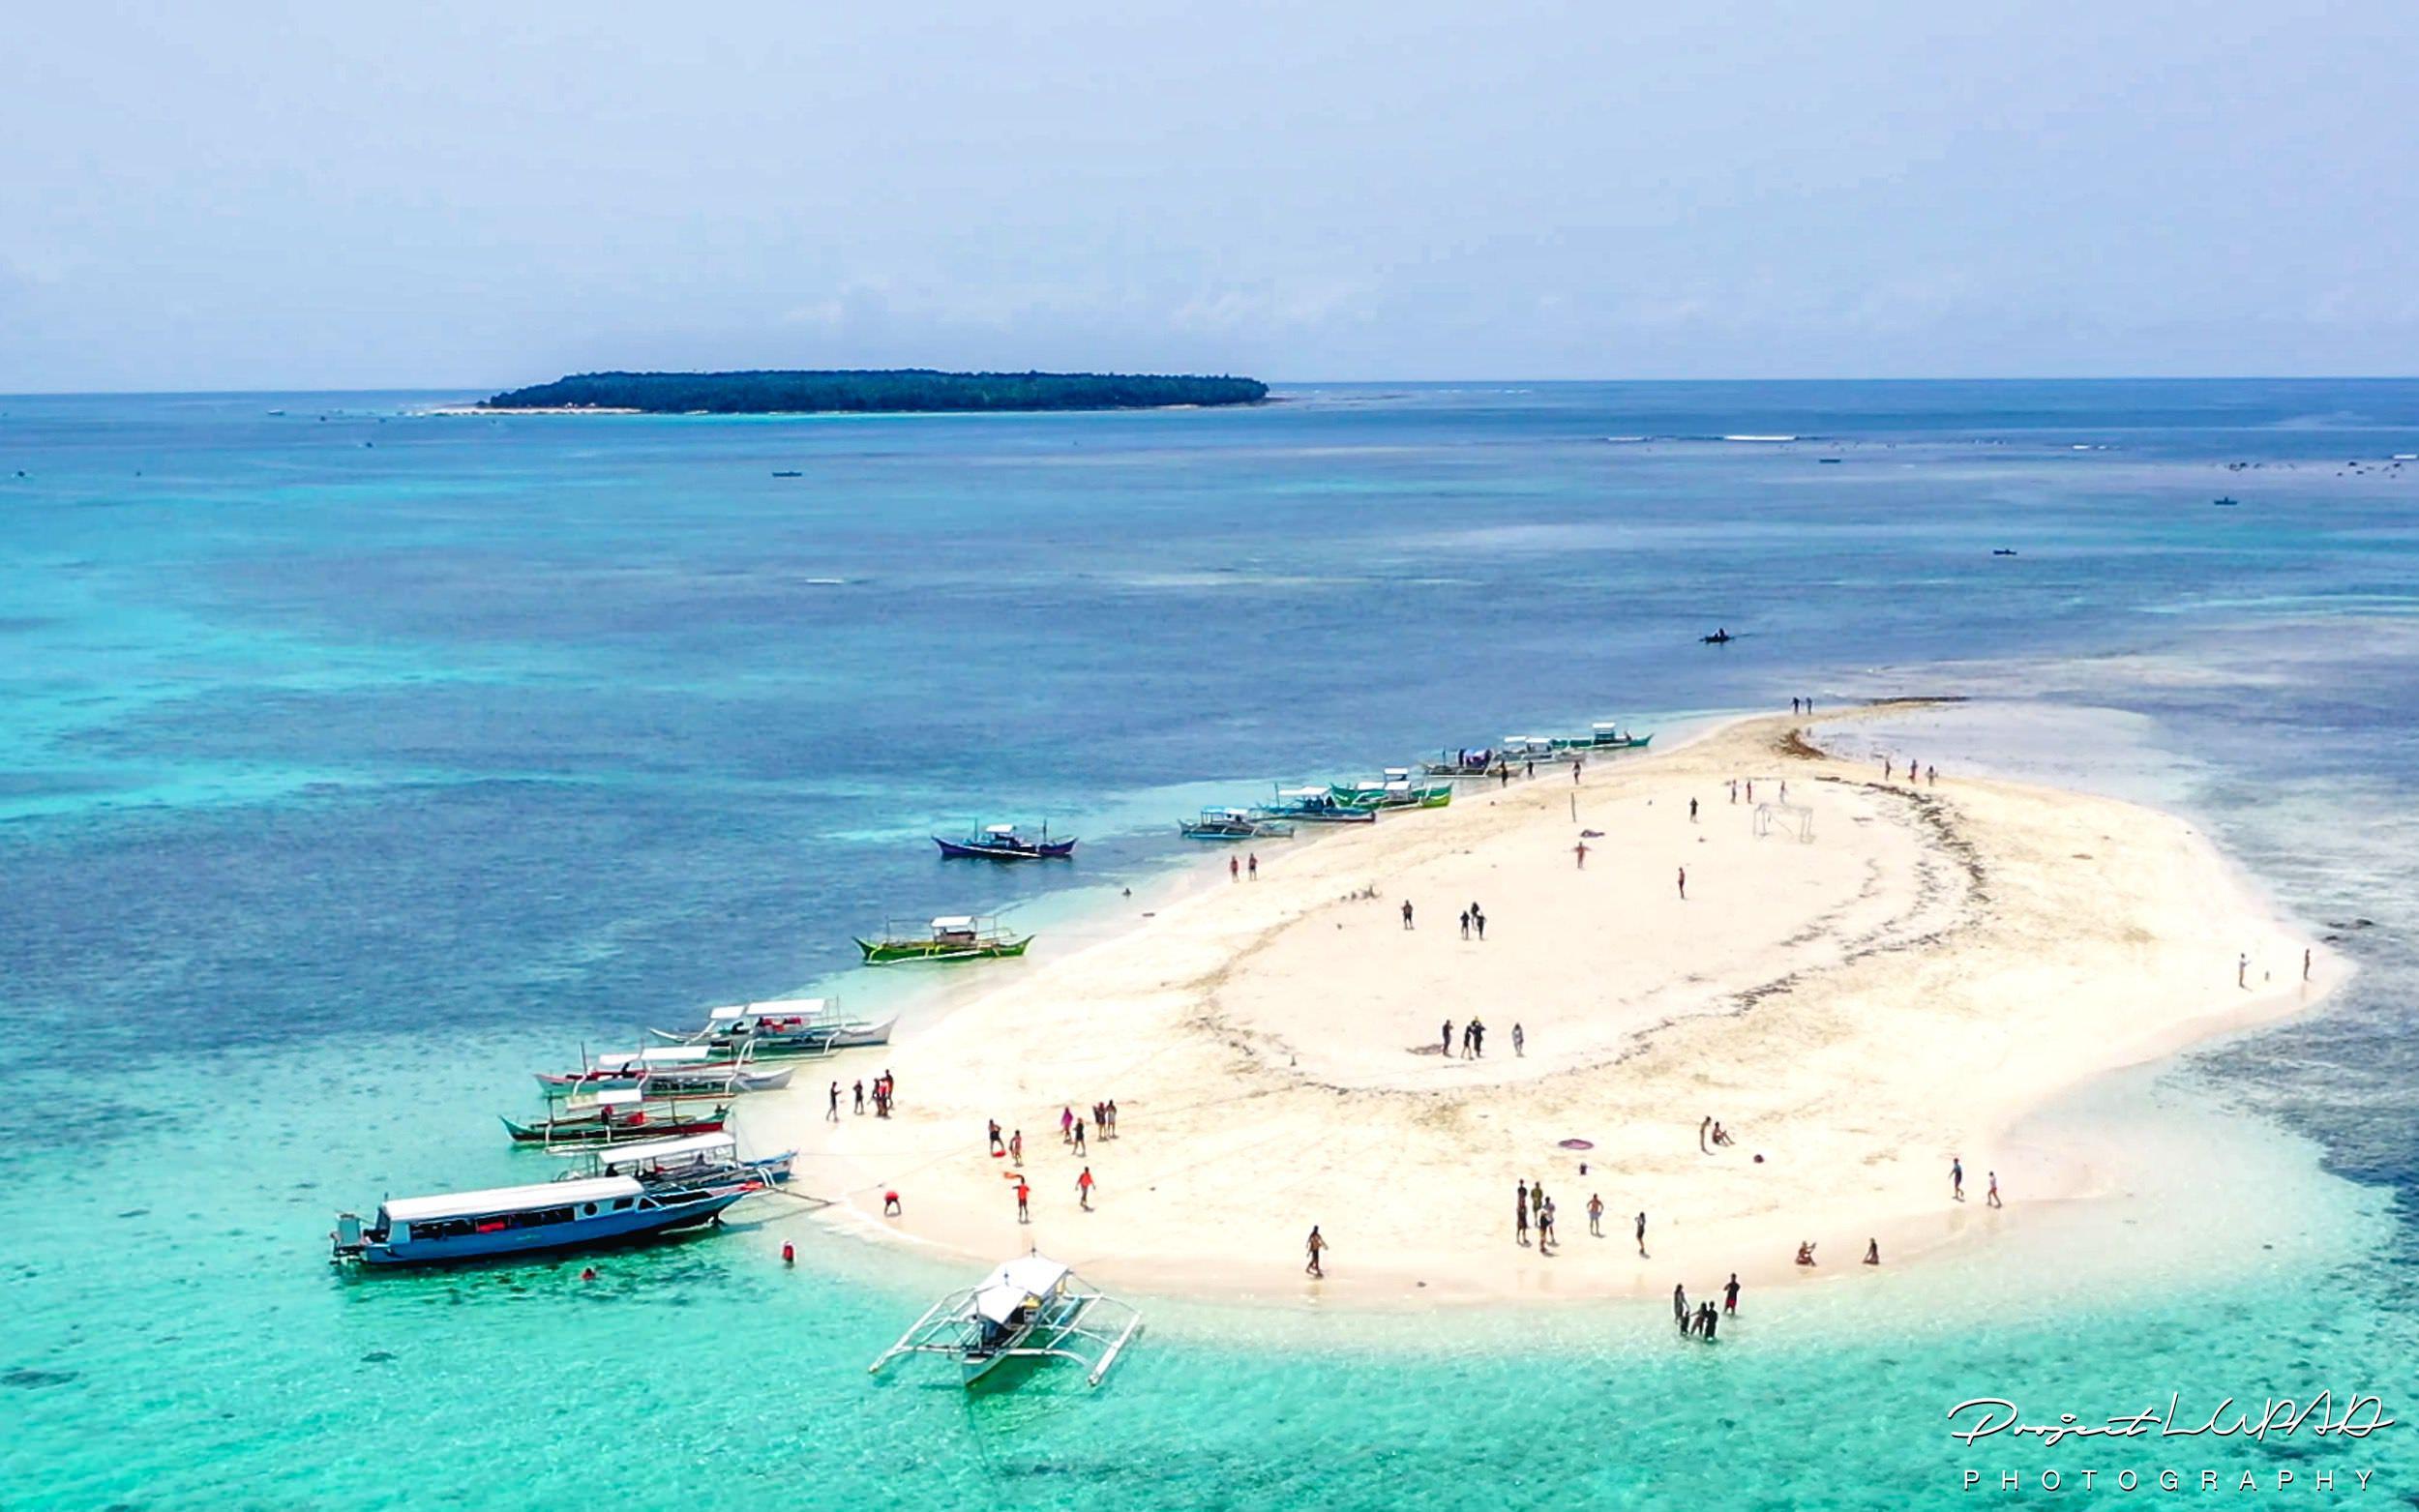 PHILIPPINES: SIARGAO: ISLAND HOPPING: GUYAM ISLAND, NAKED